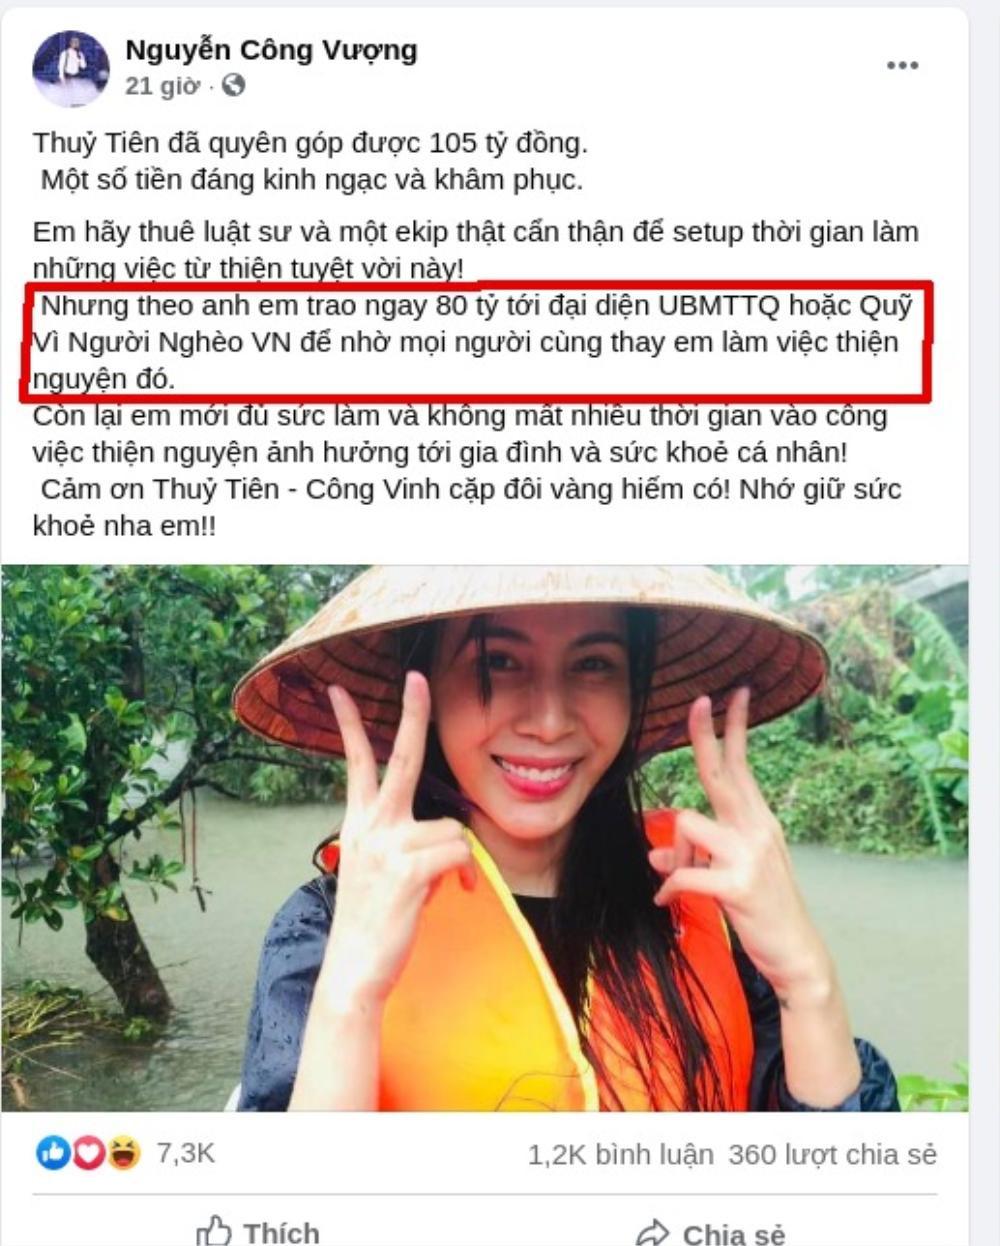 Nghệ sĩ hài Vượng Râu khuyên Thủy Tiên thuê luật sư, trao ngay 80 tỉ tới Uỷ ban MTTQ hoặc quỹ Vì người nghèo Việt Nam Ảnh 2